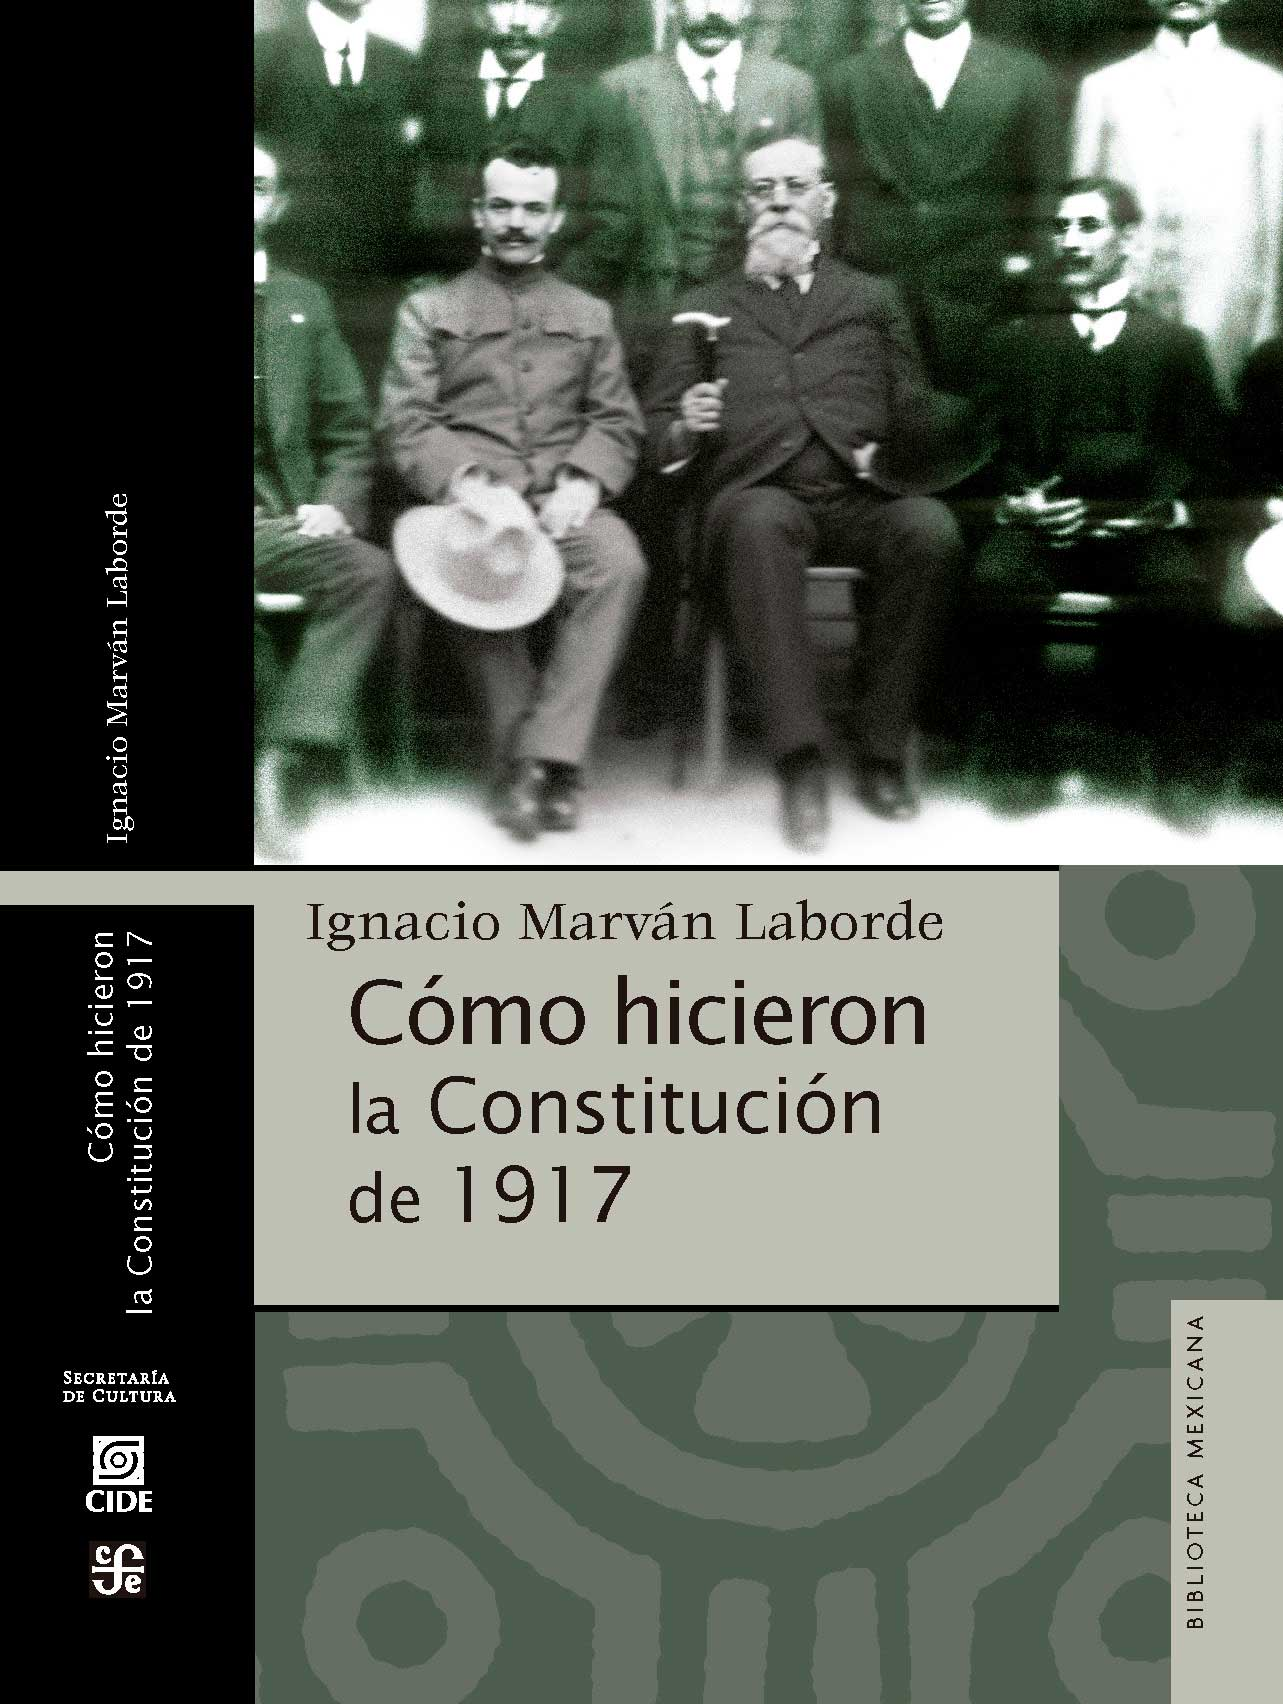 Presentan libro 'Cómo hicieron la Constitución de 1917'; una coedición CIDE-FCE-SC